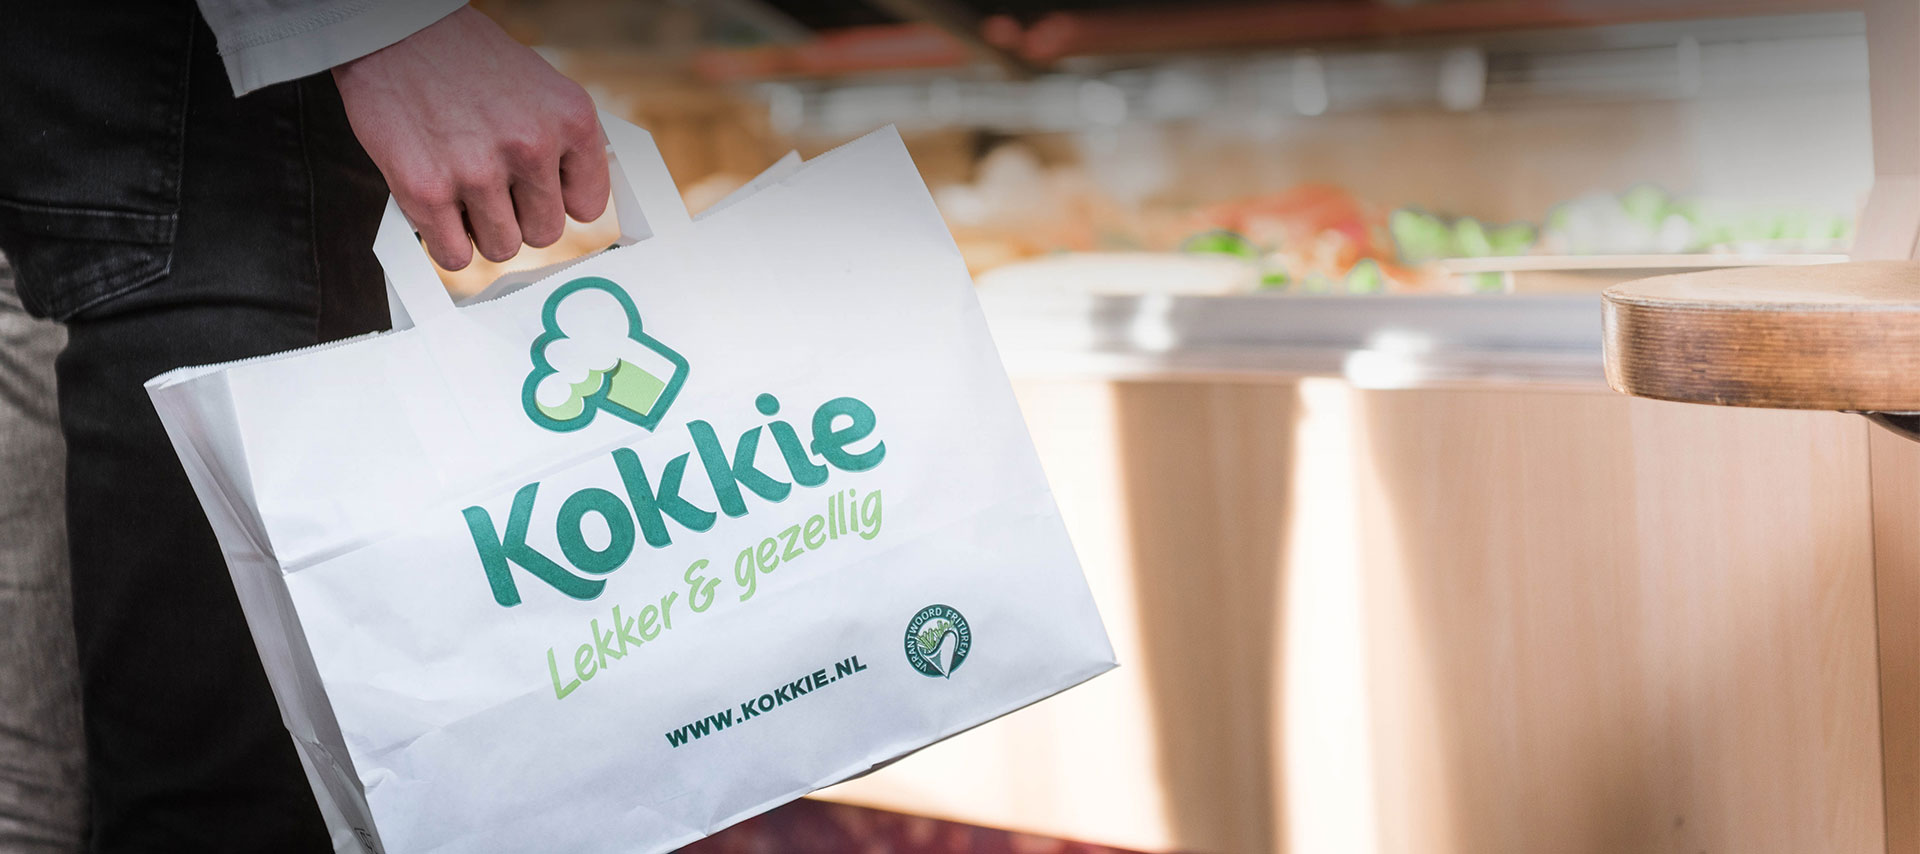 Kokkie Cafetaria - Snackbar - Eetcafé